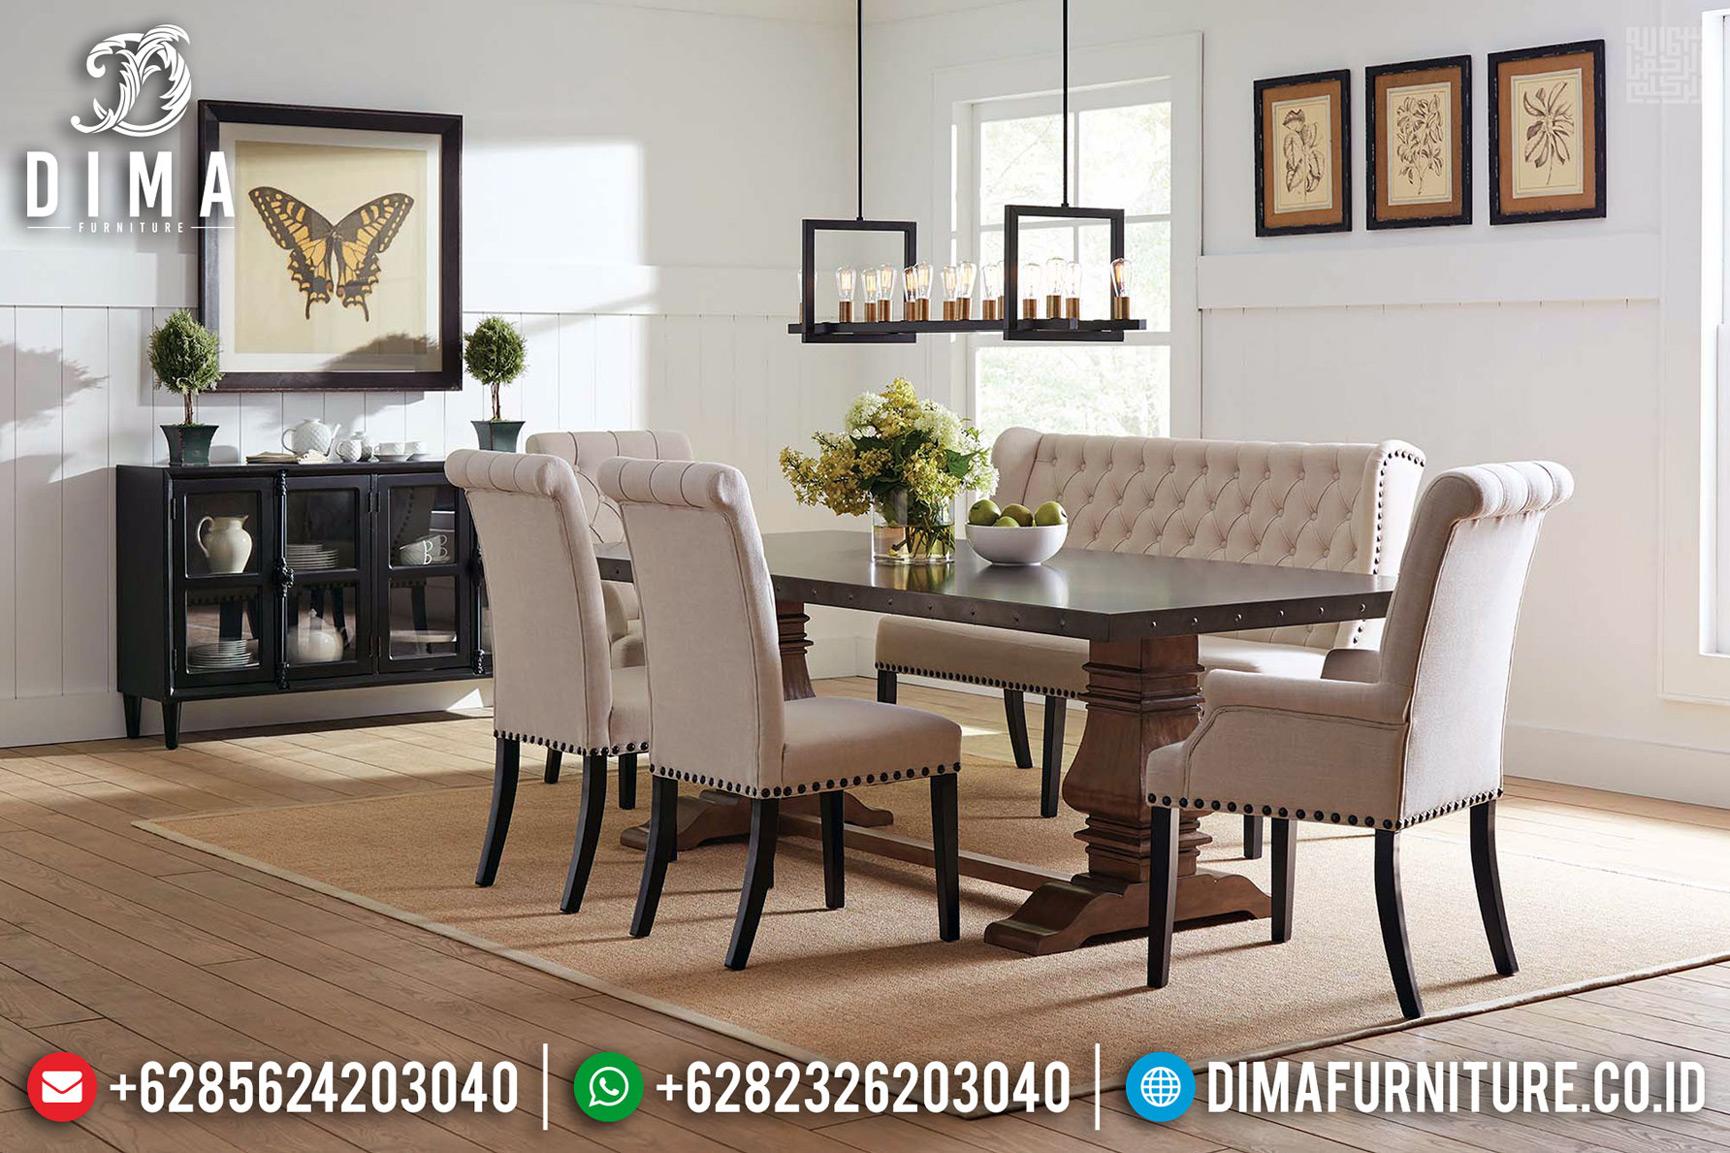 Harga Meja Makan Jati Klasik Natural Salak Brown Solid Wood Best Quality TTJ-0745